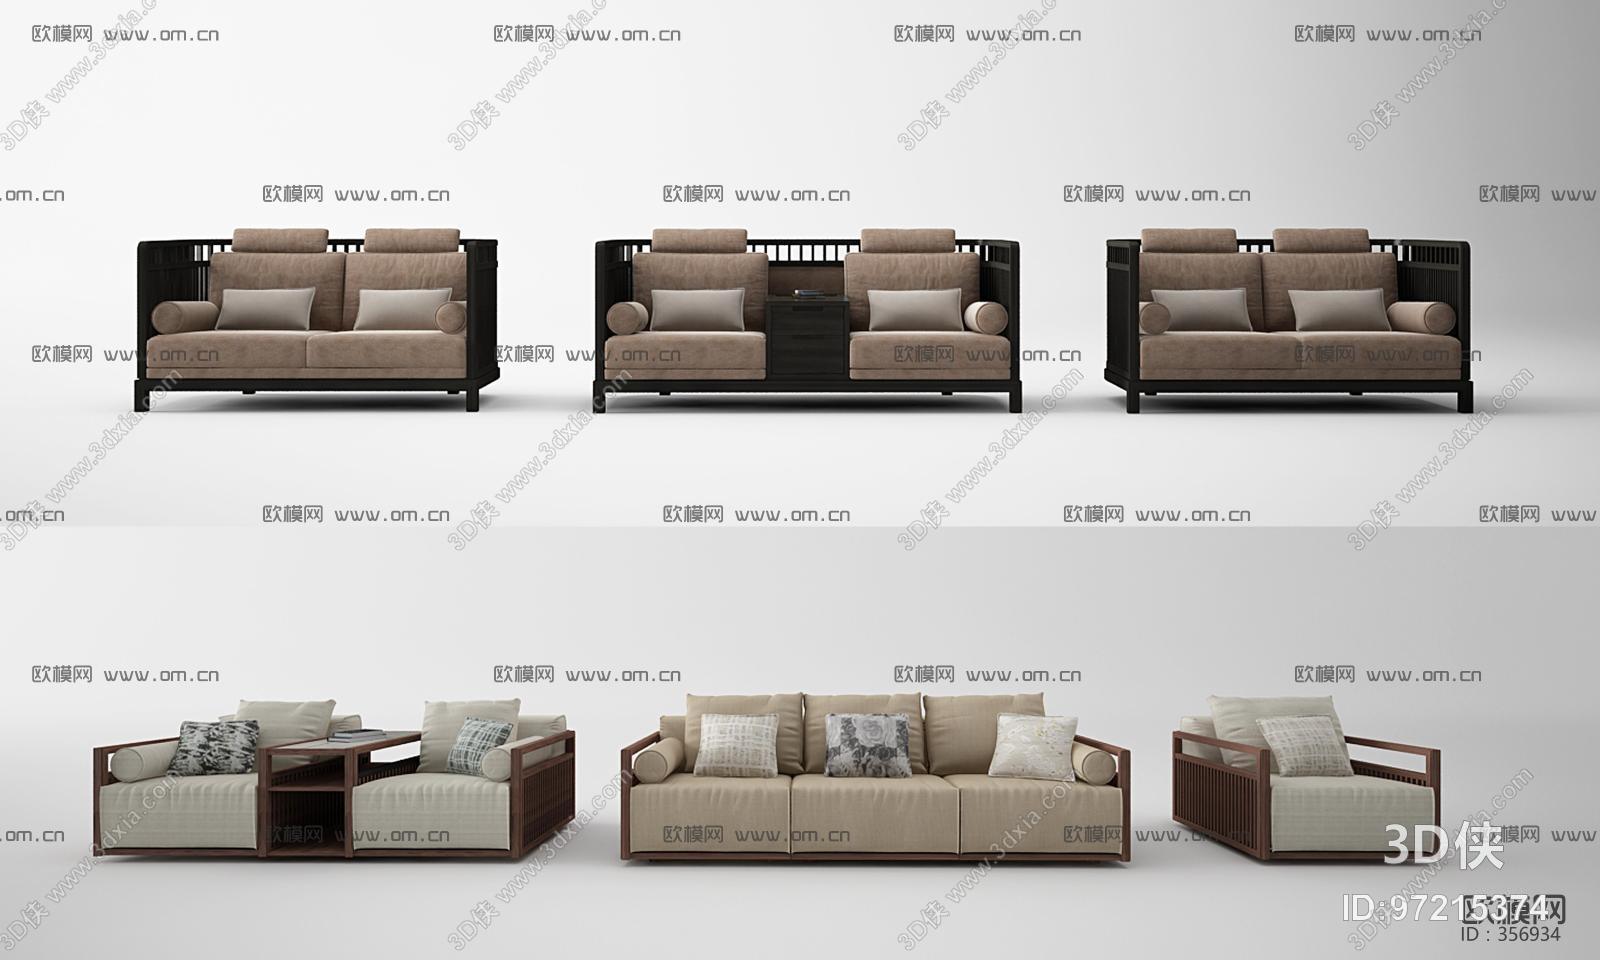 新中式双人沙发组合3d模型【id:97215374】